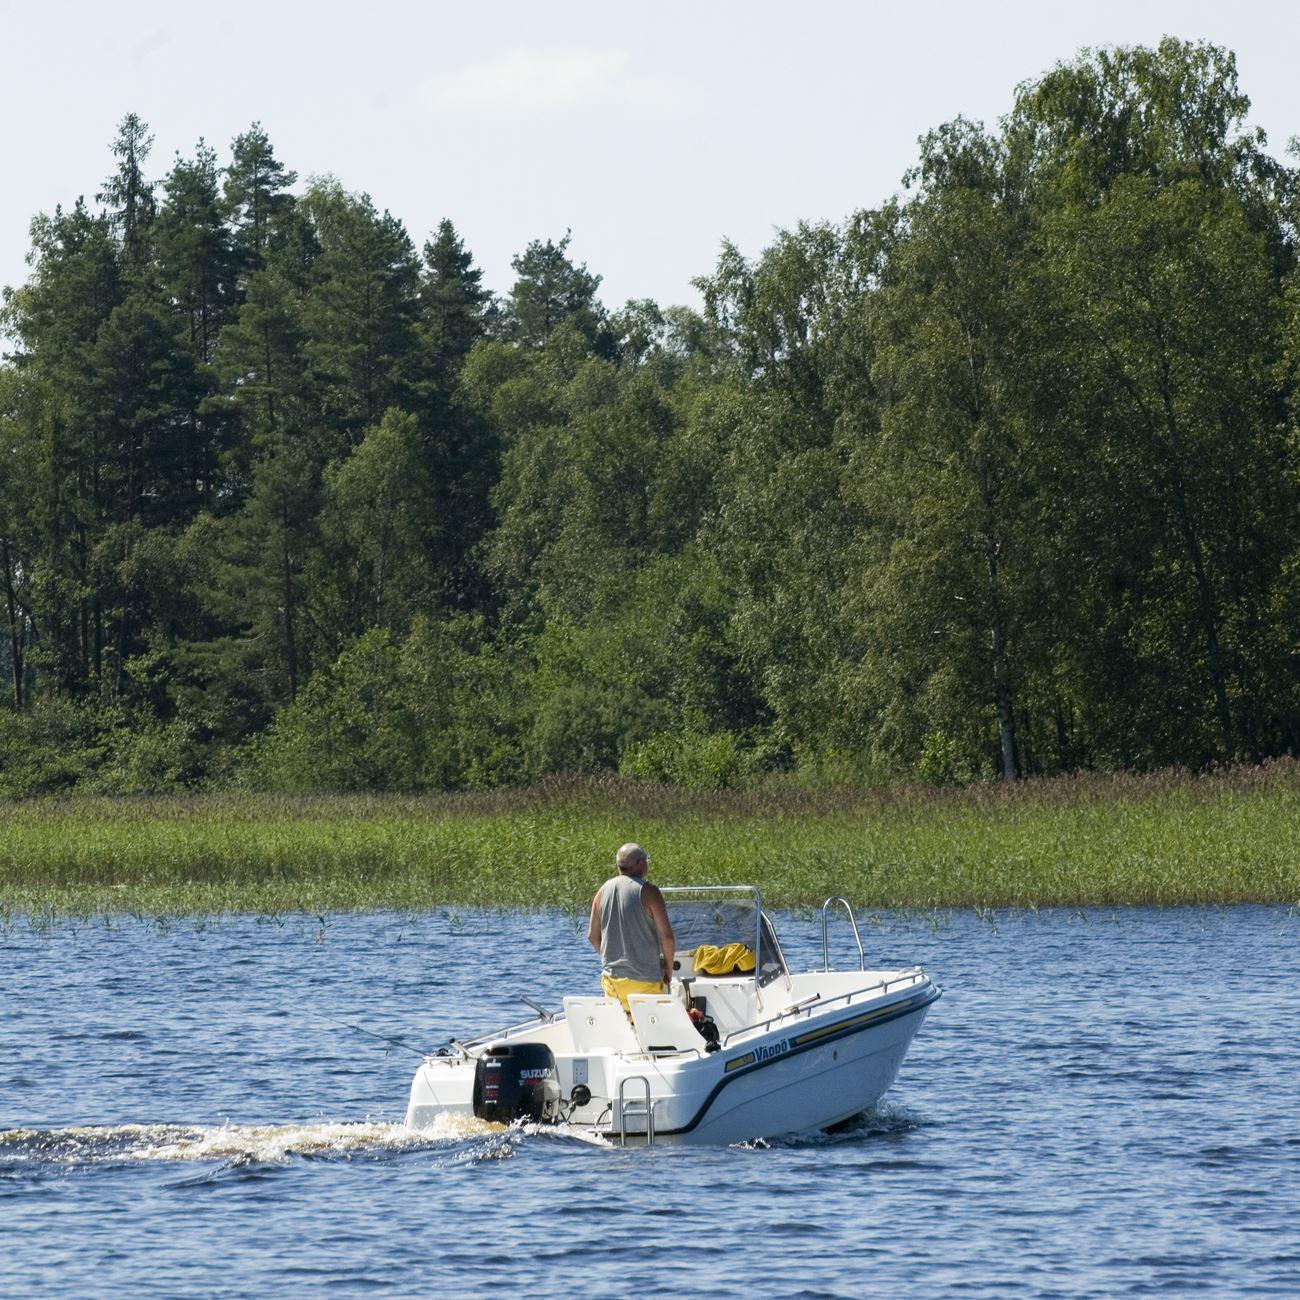 Foto: Smålandsbilder.se,  © Värnamo Näringsliv AB , Fiske i sjön Rusken